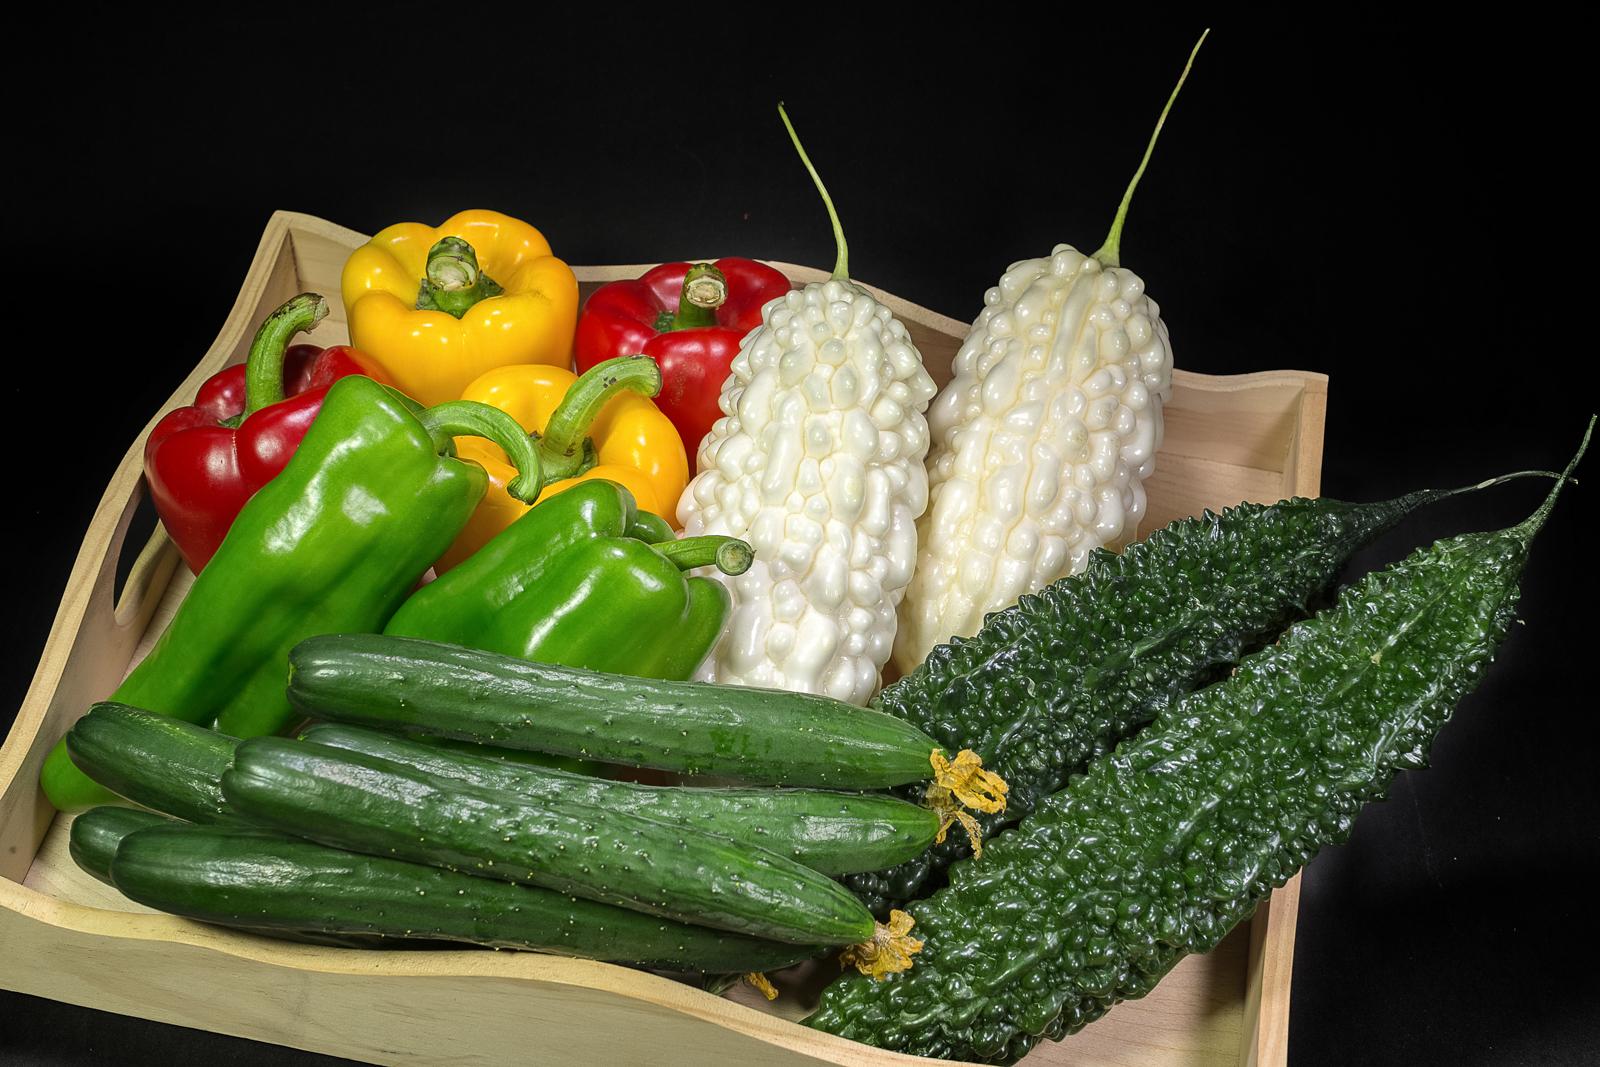 小黃瓜、白玉苦瓜、珍珠苦瓜、紅甜椒、黃甜椒、青椒